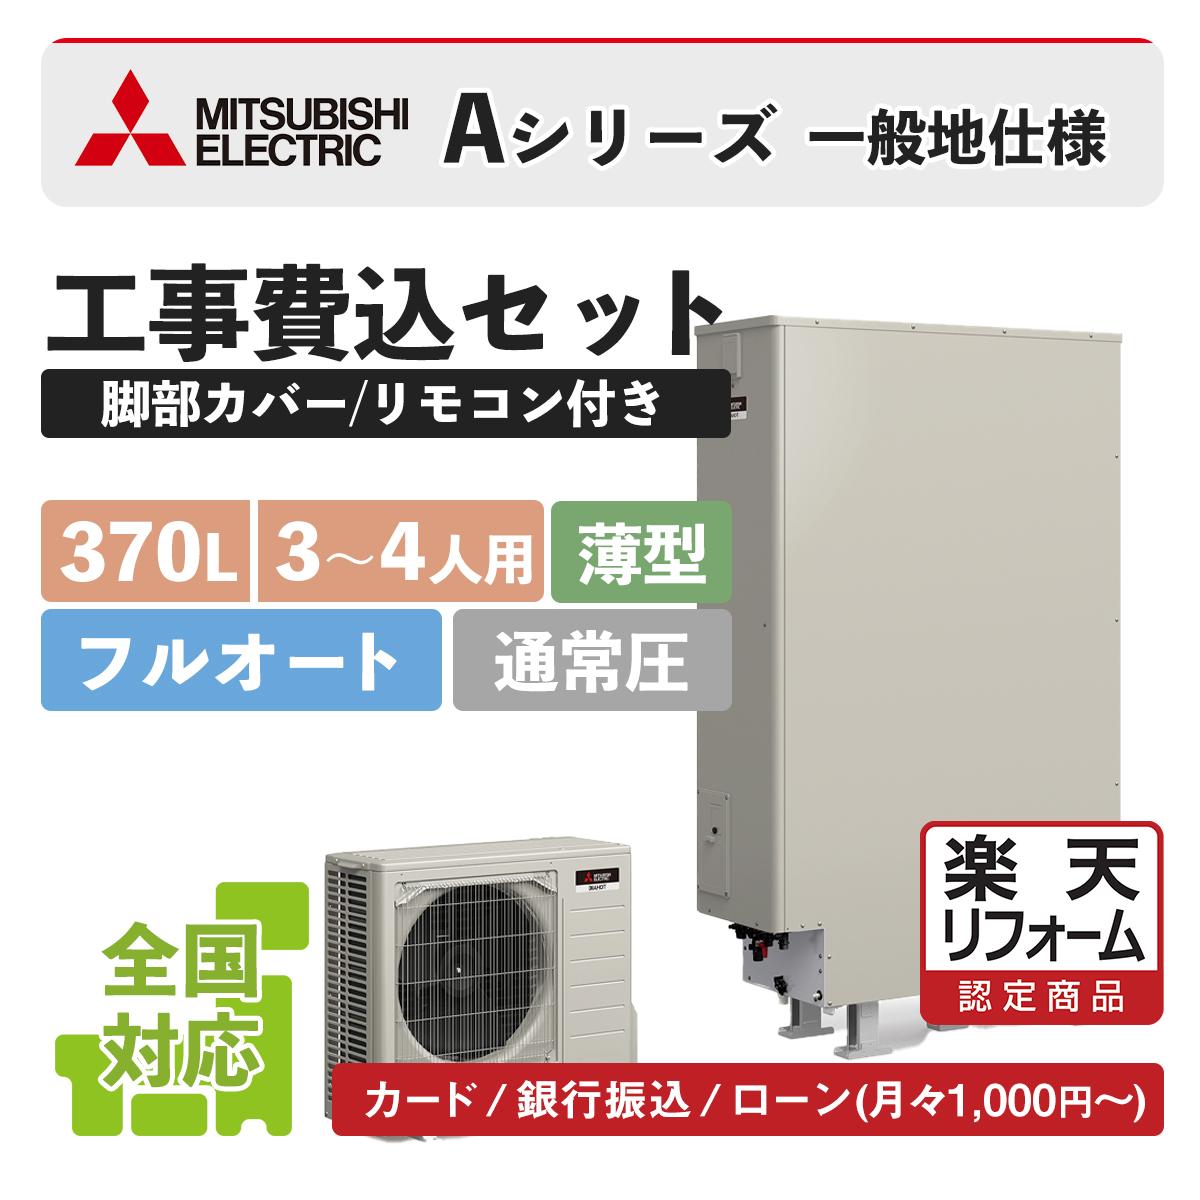 【リフォーム認定商品】SRT-W374Z|三菱Aシリーズ フルオート 薄型 370L|エコキュート工事費込み!全国対応!リモコンセット,給湯器,